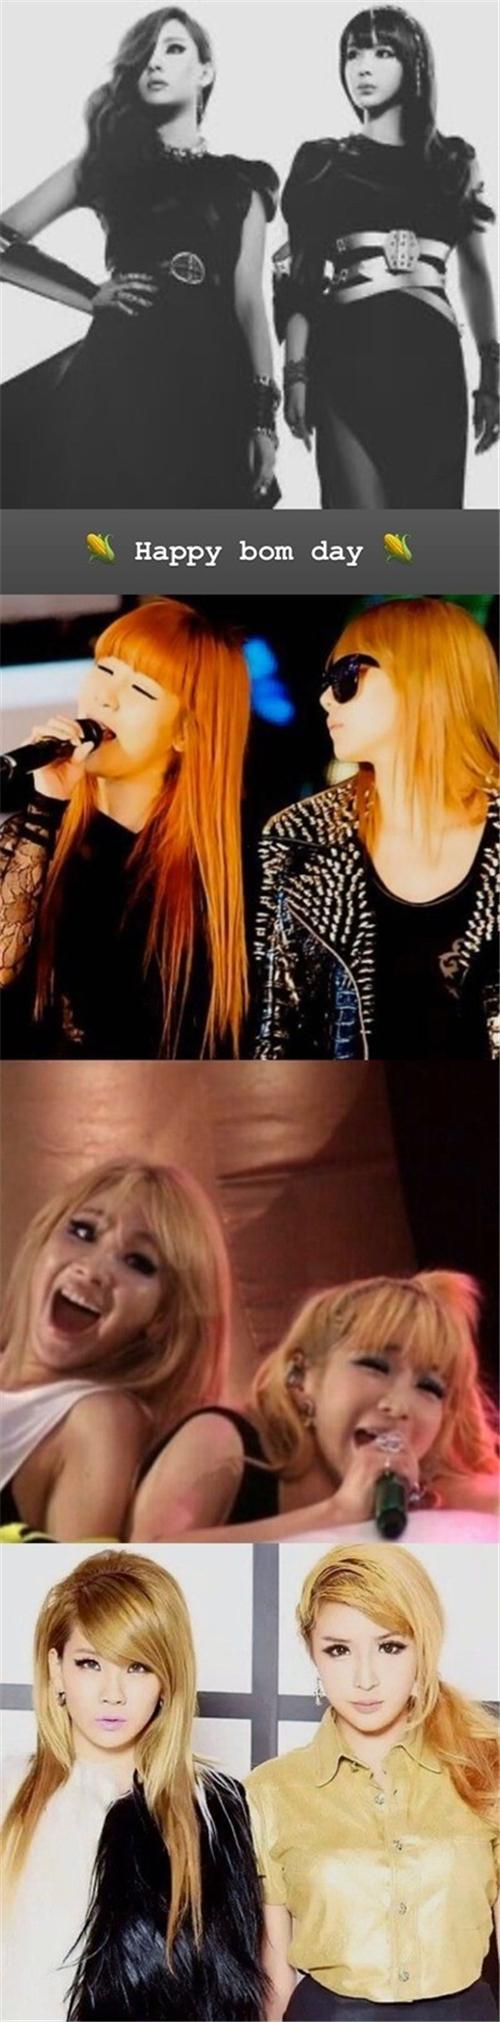 CL通过SNS为朴春庆生 展现2NE1不变的友情